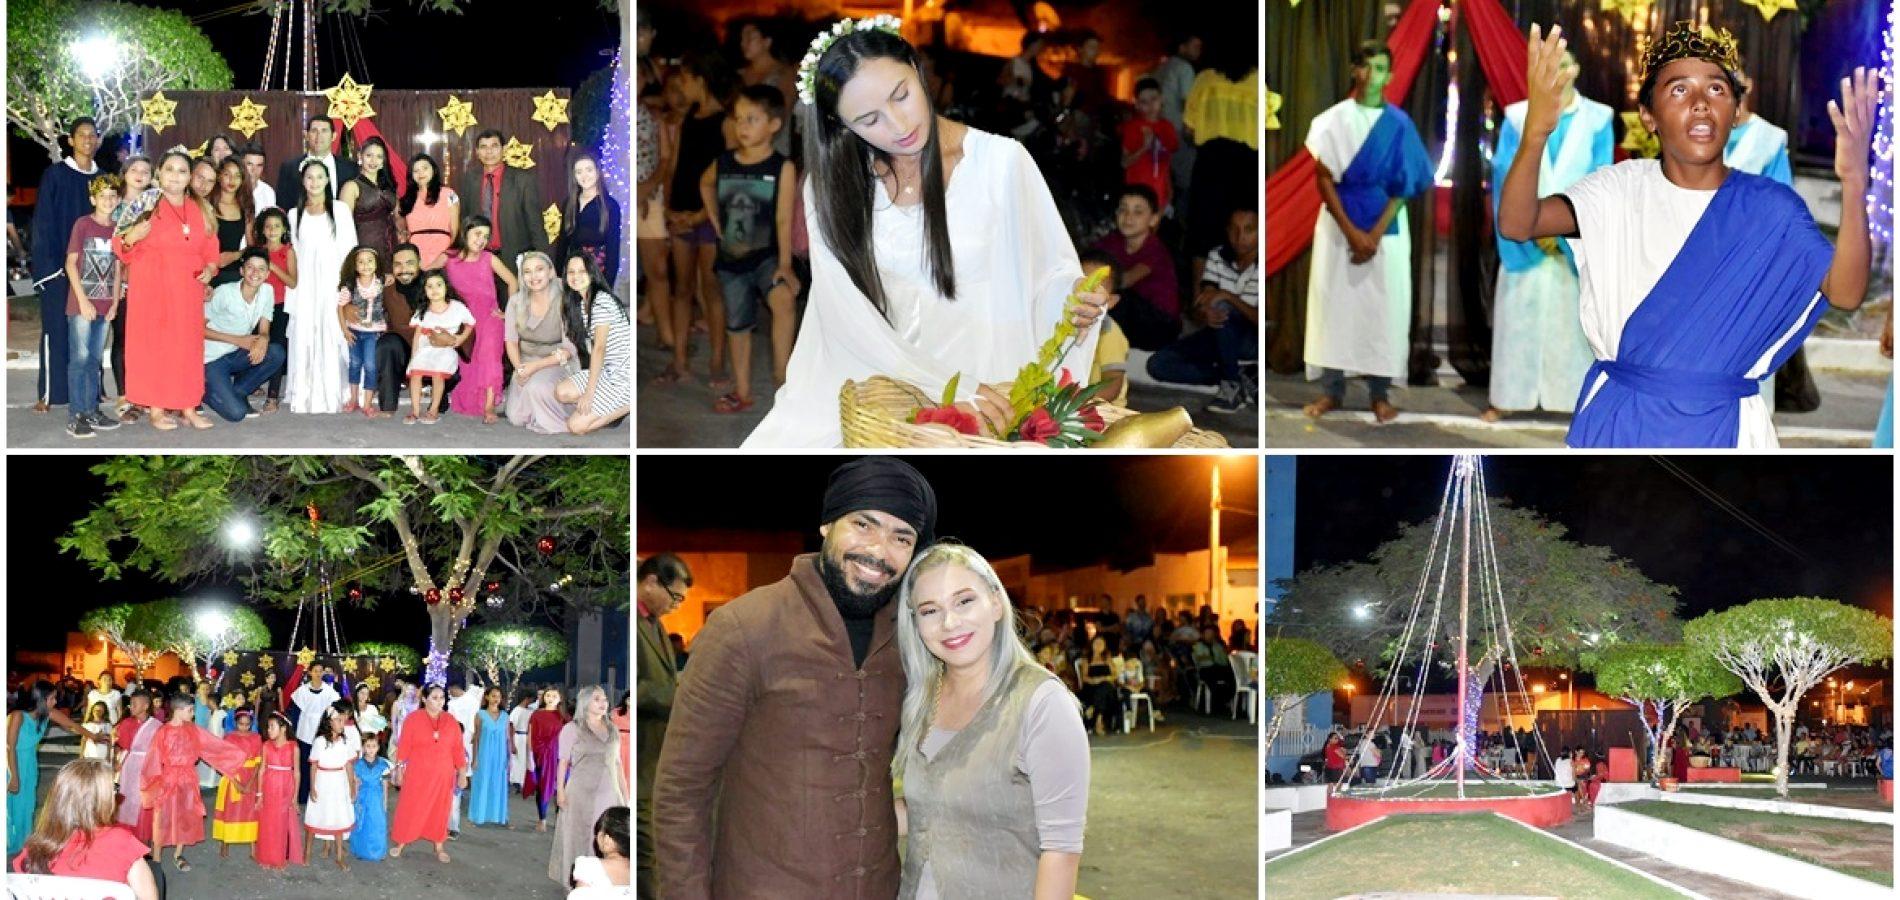 ALEGRETE   Igreja Batista Renovada do Amor de Deus promove 'Musical de Natal' em Praça Pública; fotos